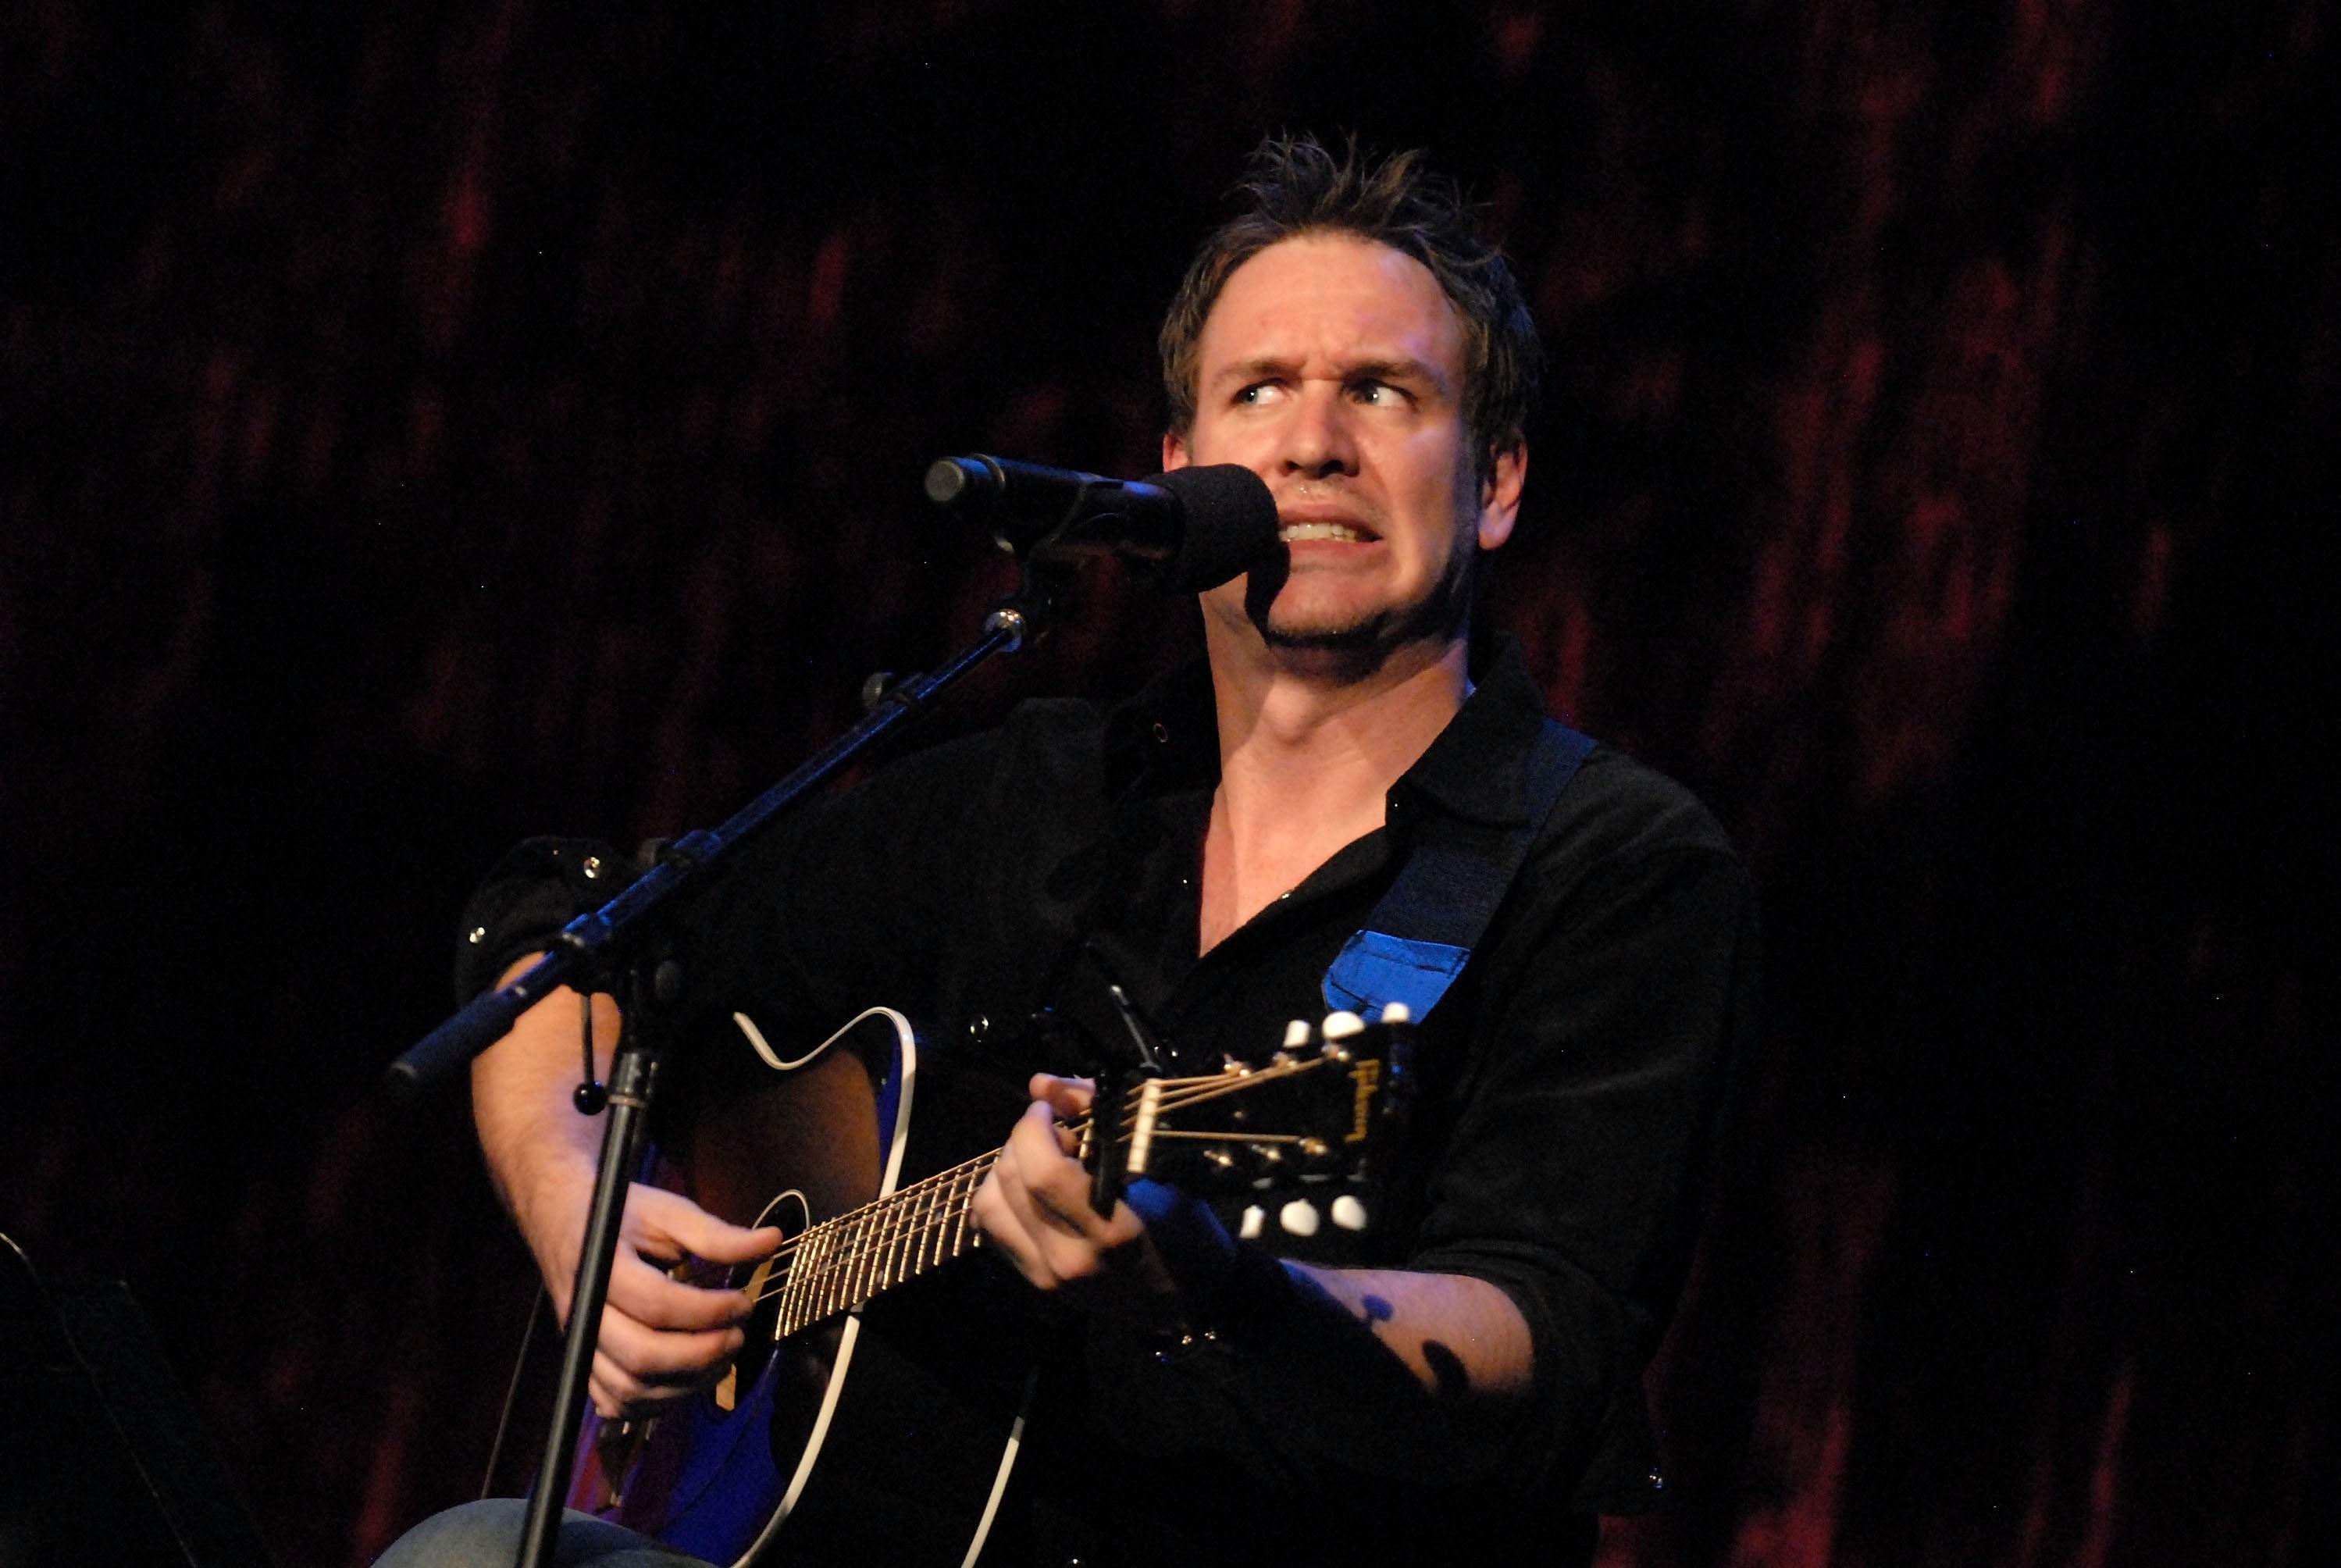 KRENKE-BONANZA: Musikalsk komiker Stephen Lynch kommer til Norge 7. juni og holder show. Hans blanding av stand up og humoristiske låter hadde kanskje ikke flydd like mye under radaren i dag som det gjorde for 15 år siden.